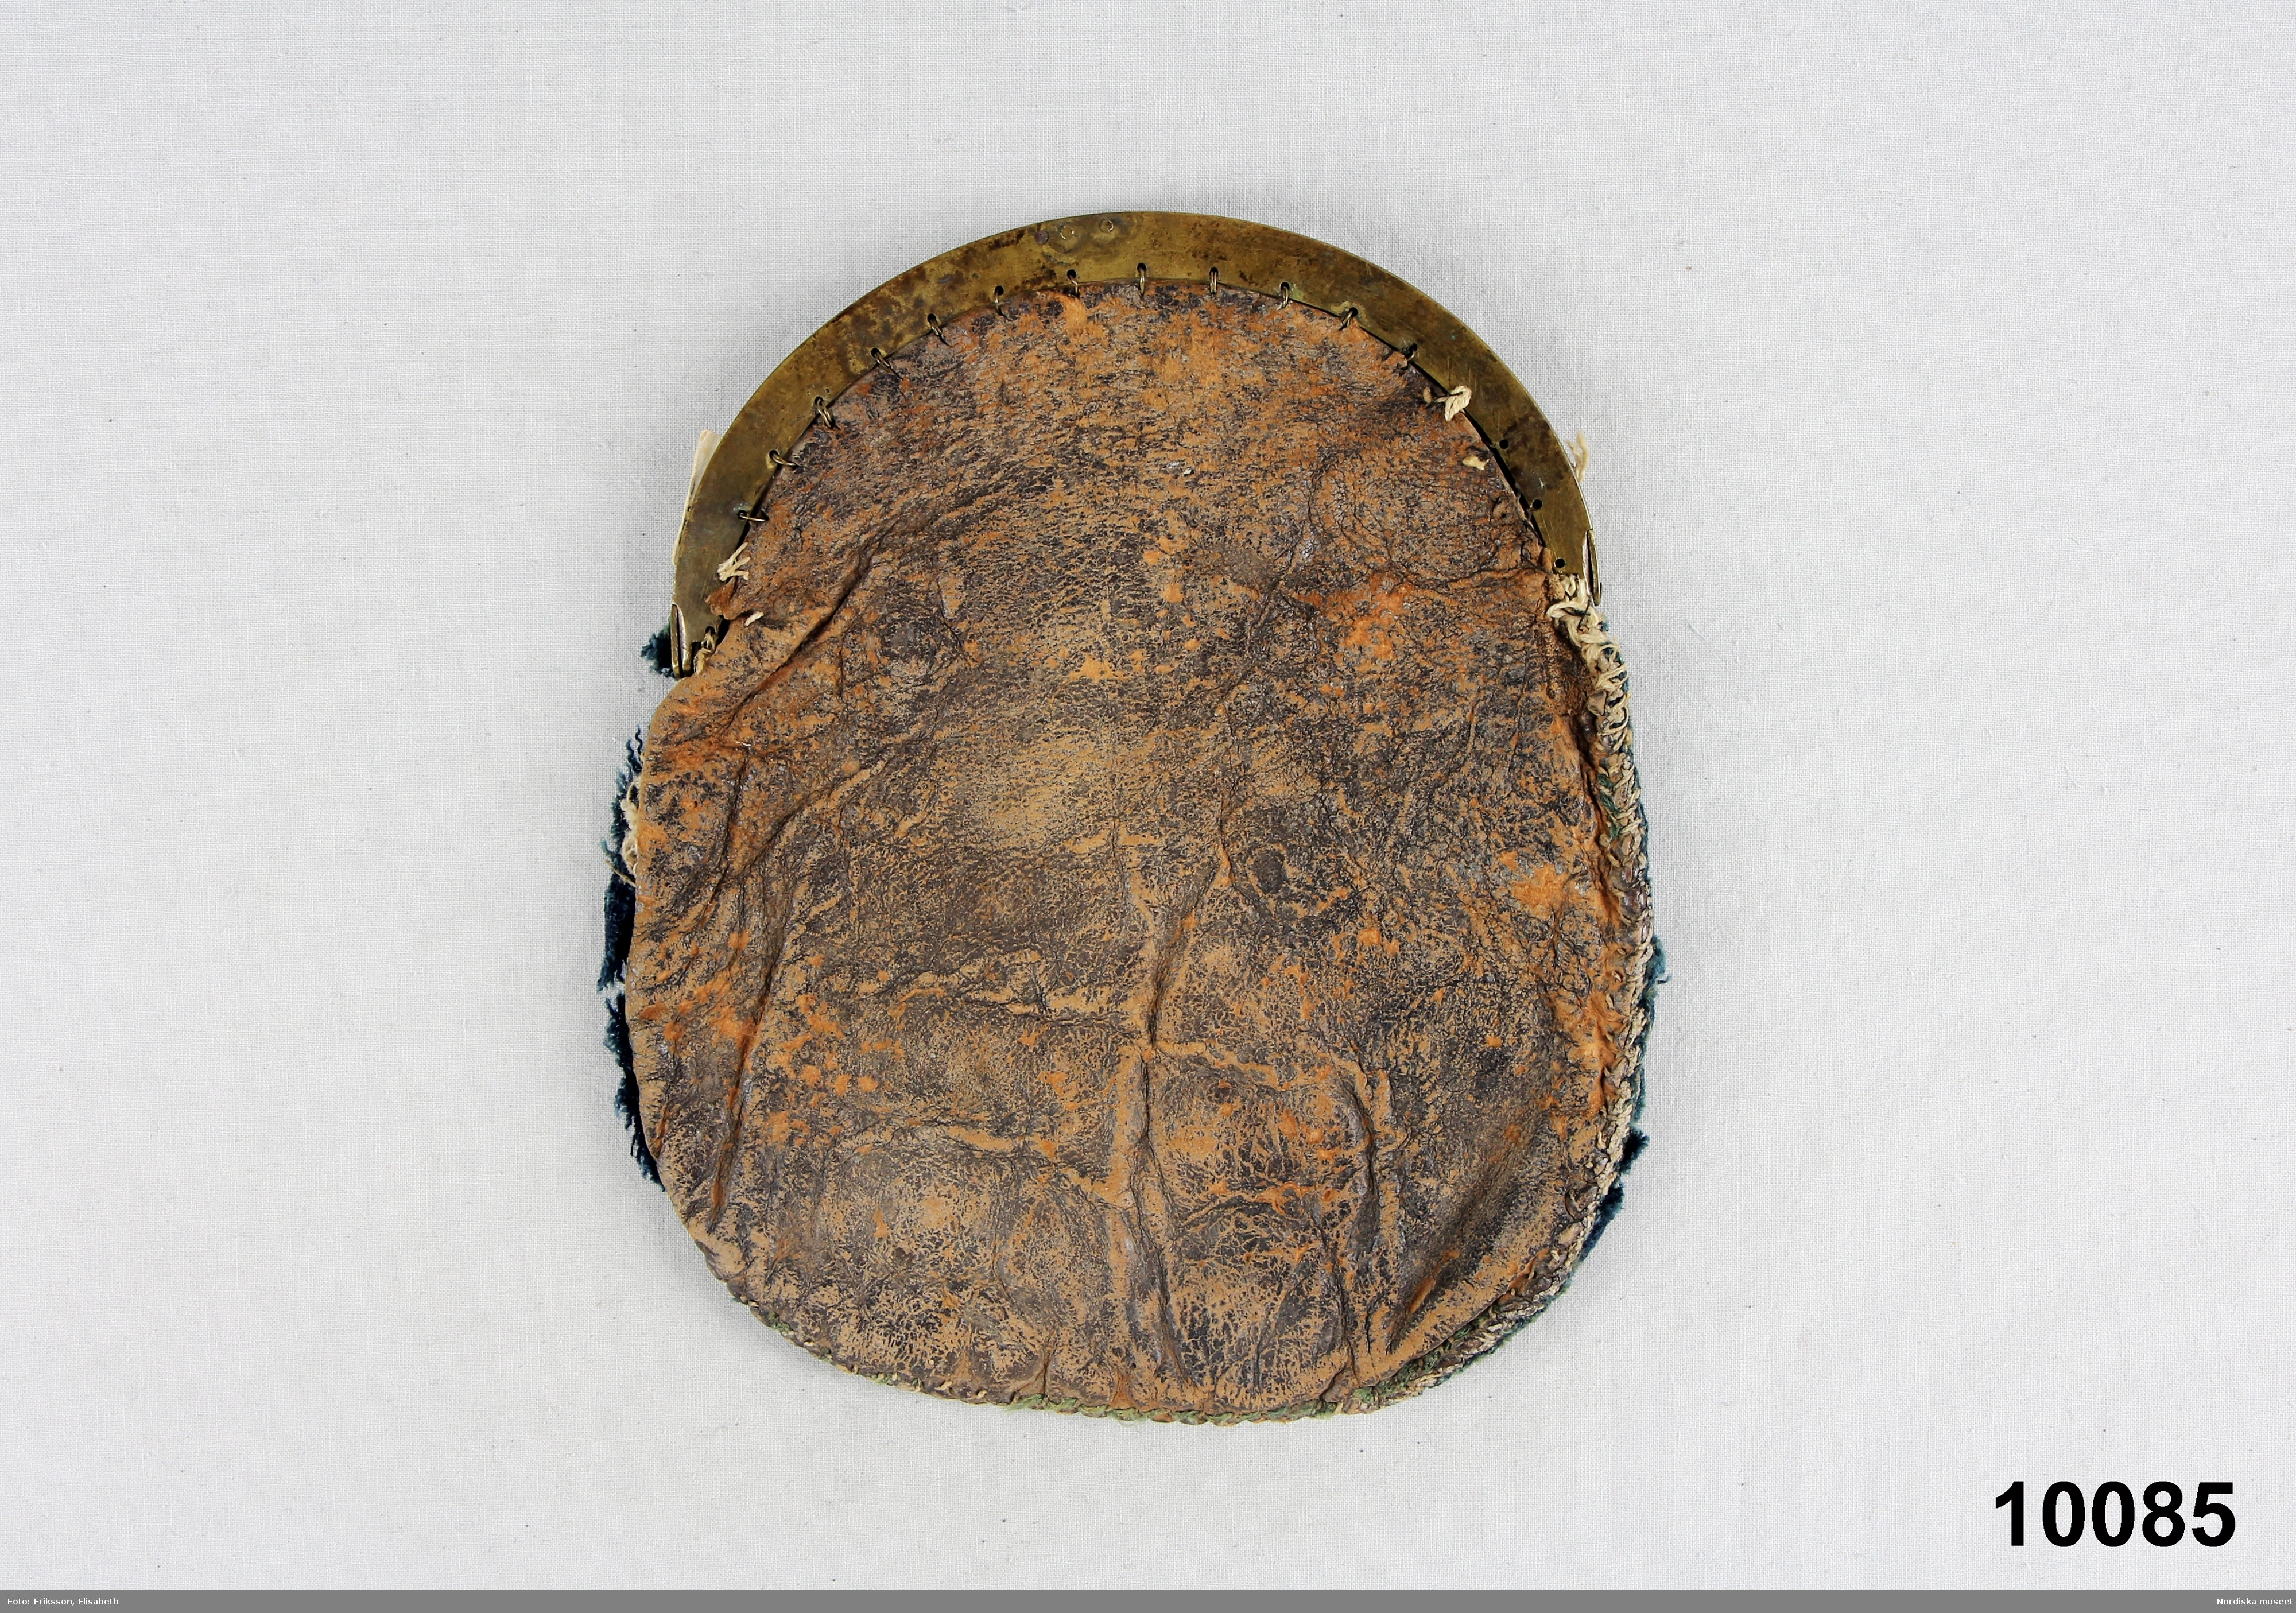 File Väska - Nordiska museet - NM.0010085 (2).jpg - Wikimedia Commons d705a556f638d